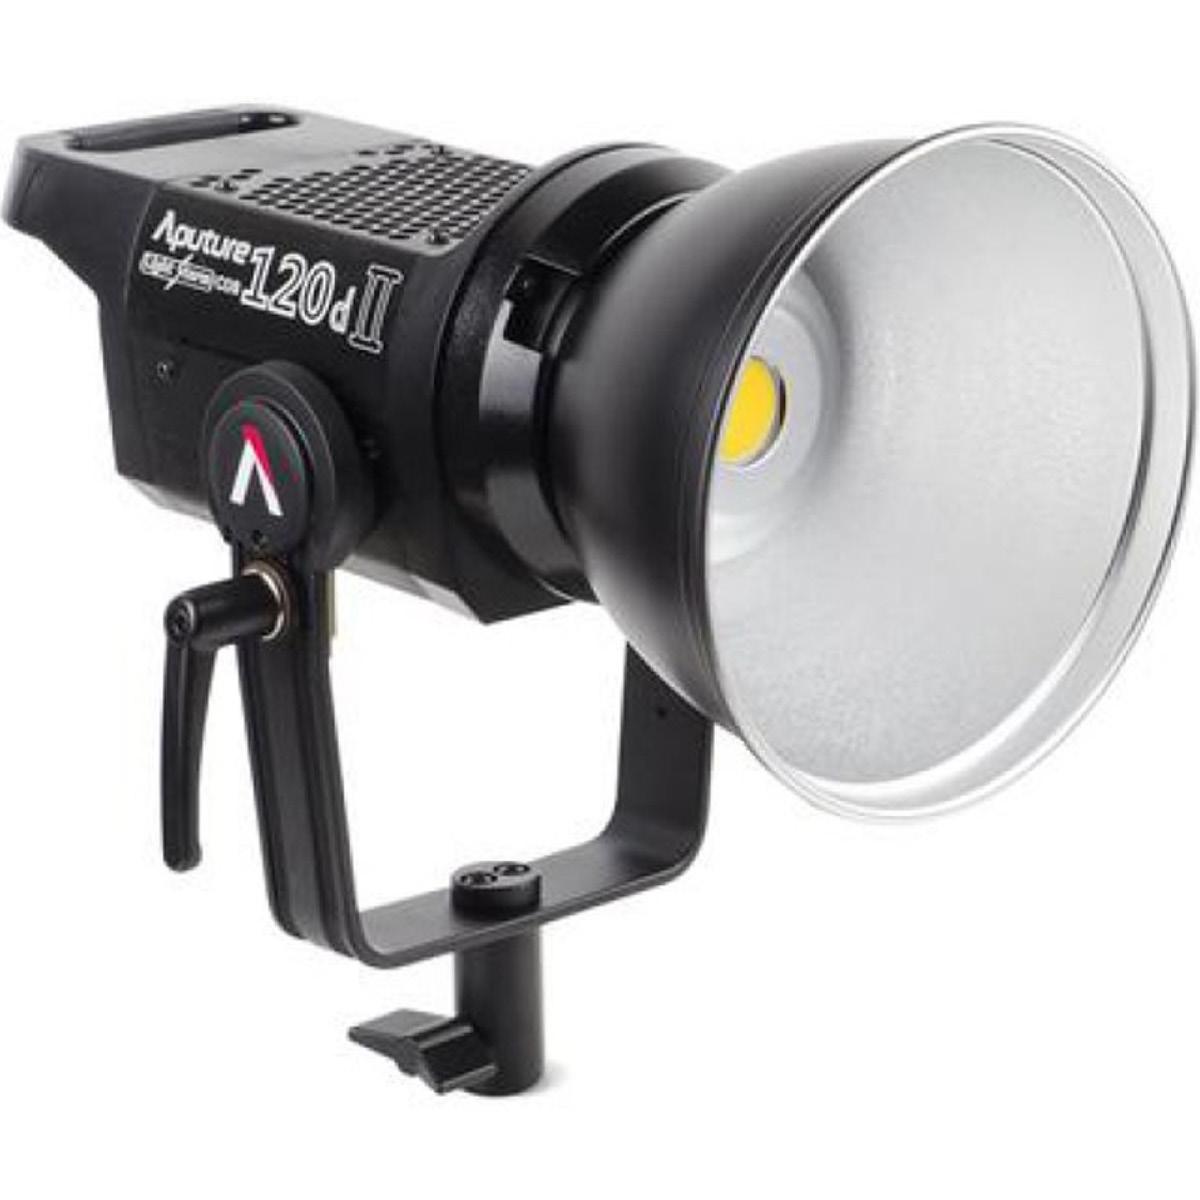 Aputure Light Storm C120 D MK II Kit